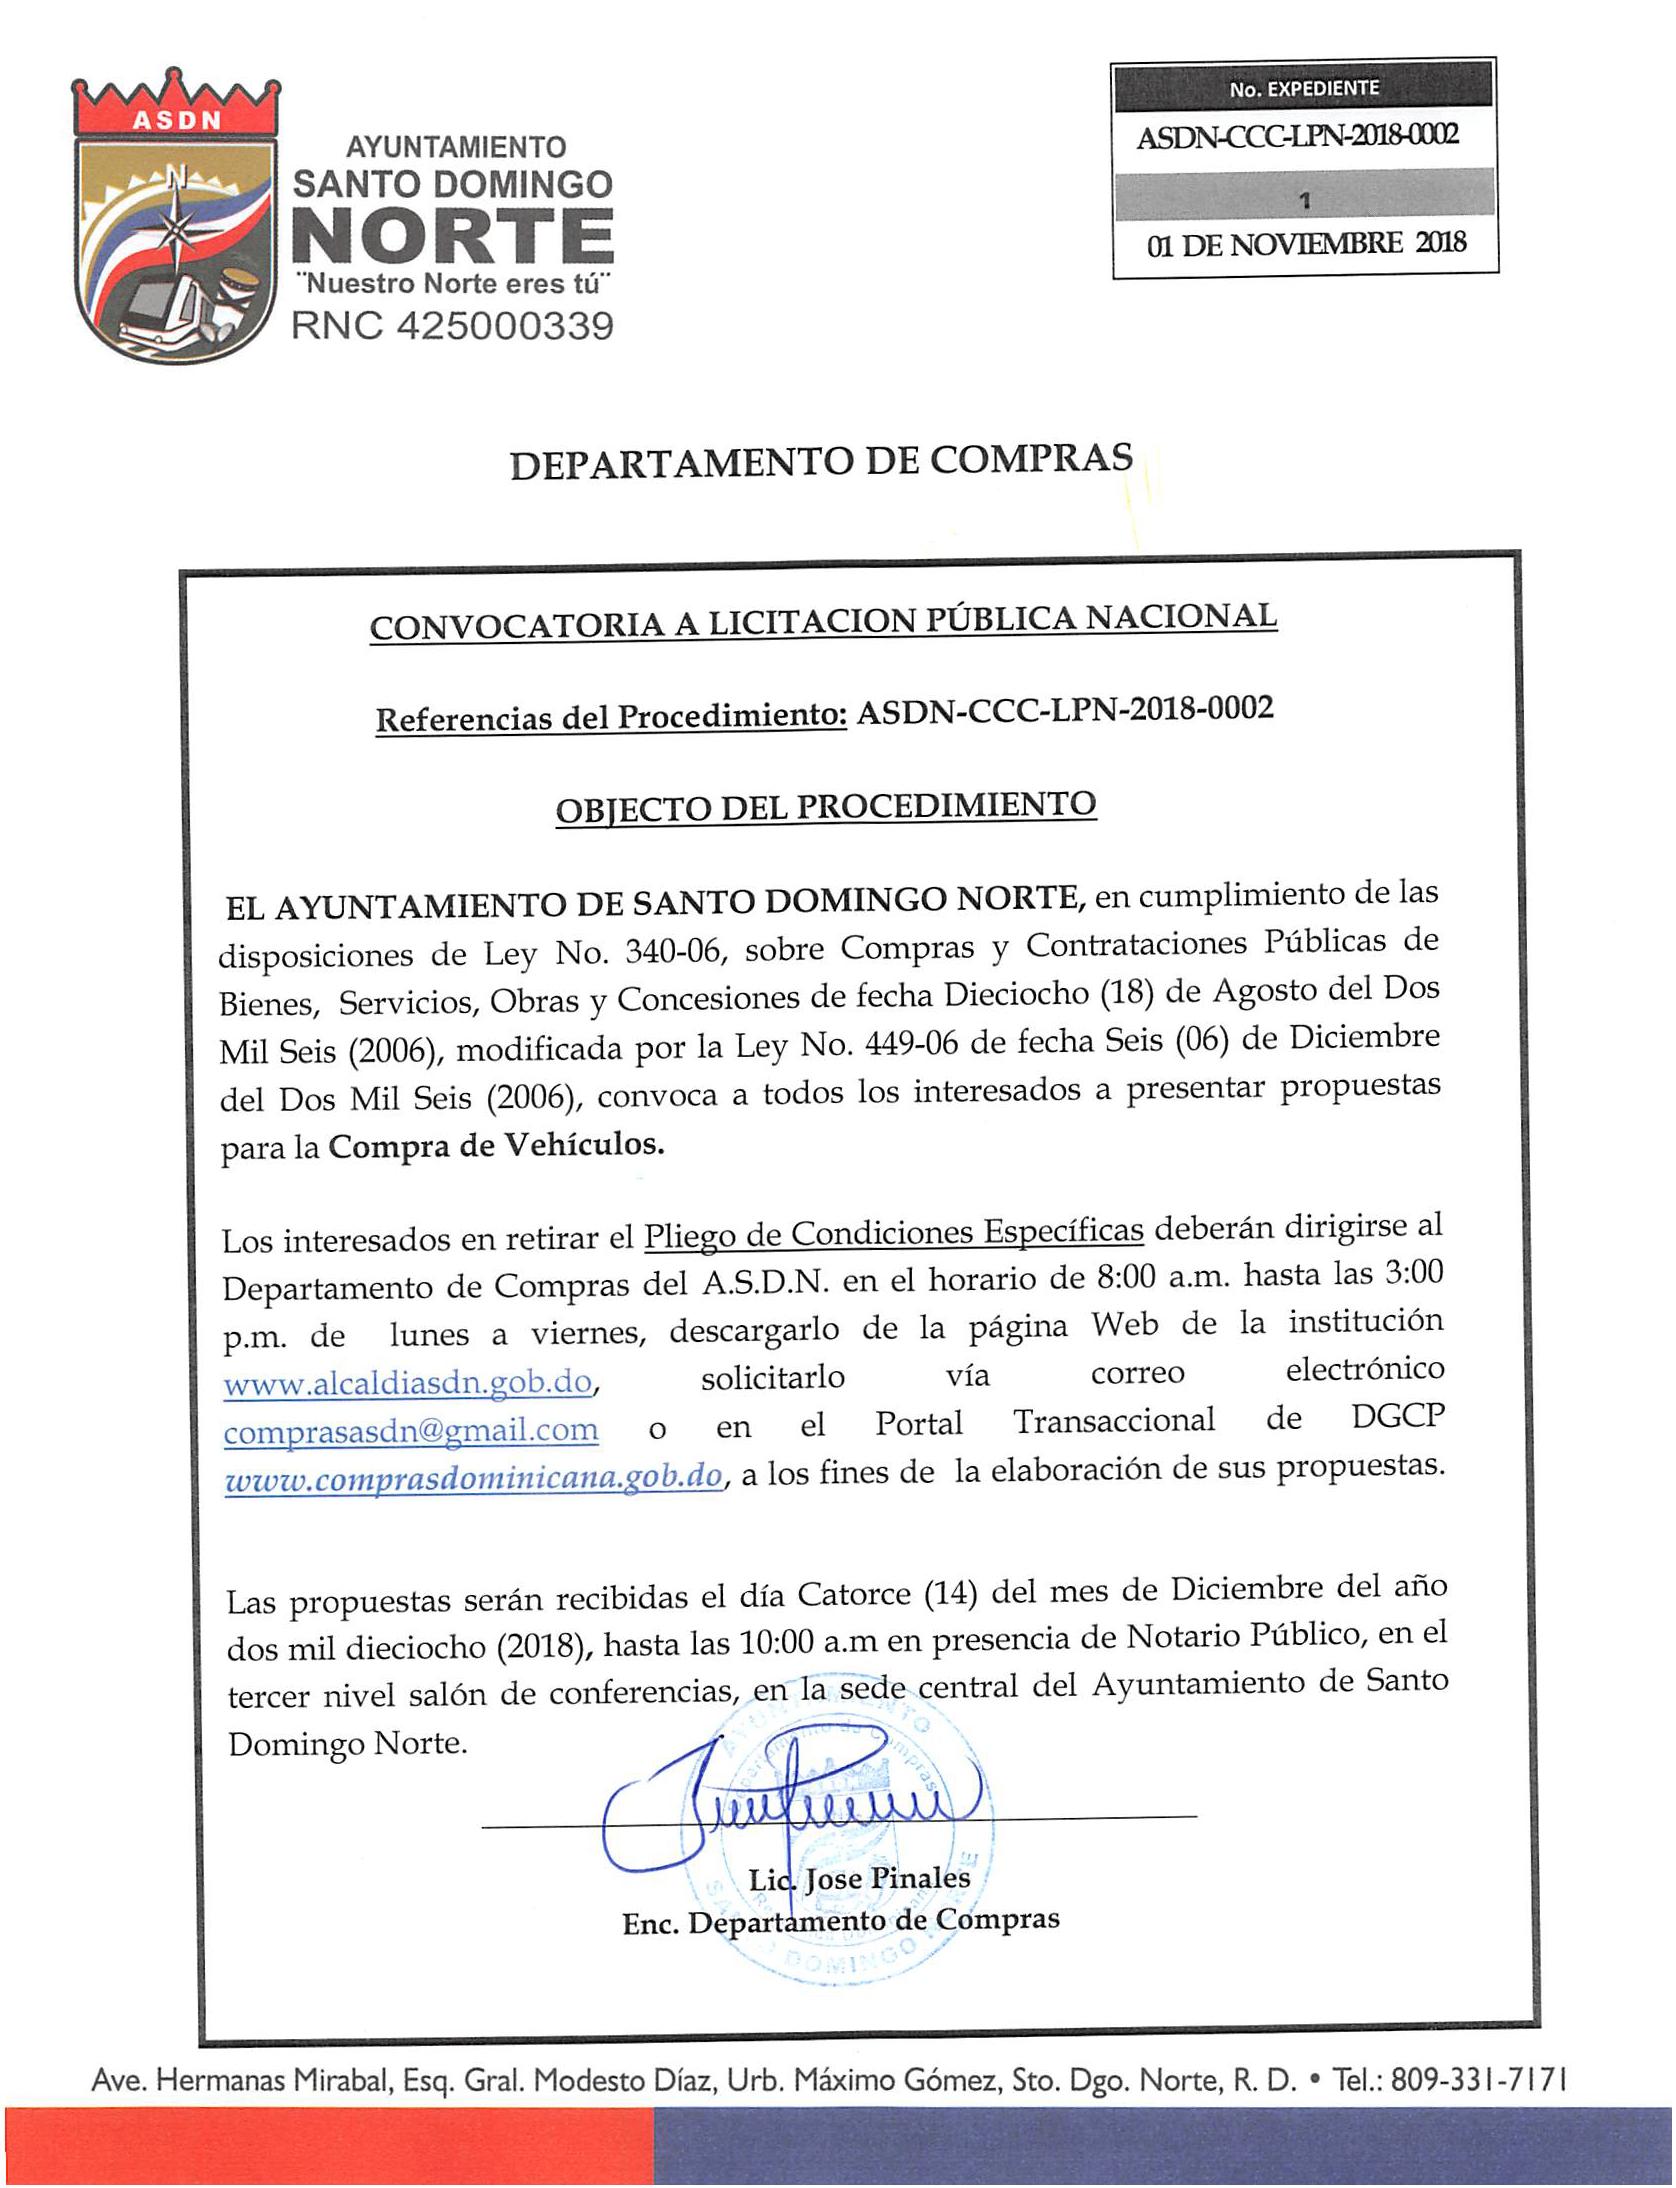 Convocatoria para Licitación Publica Nacional ASDN-CCC-LPN-2018-0002